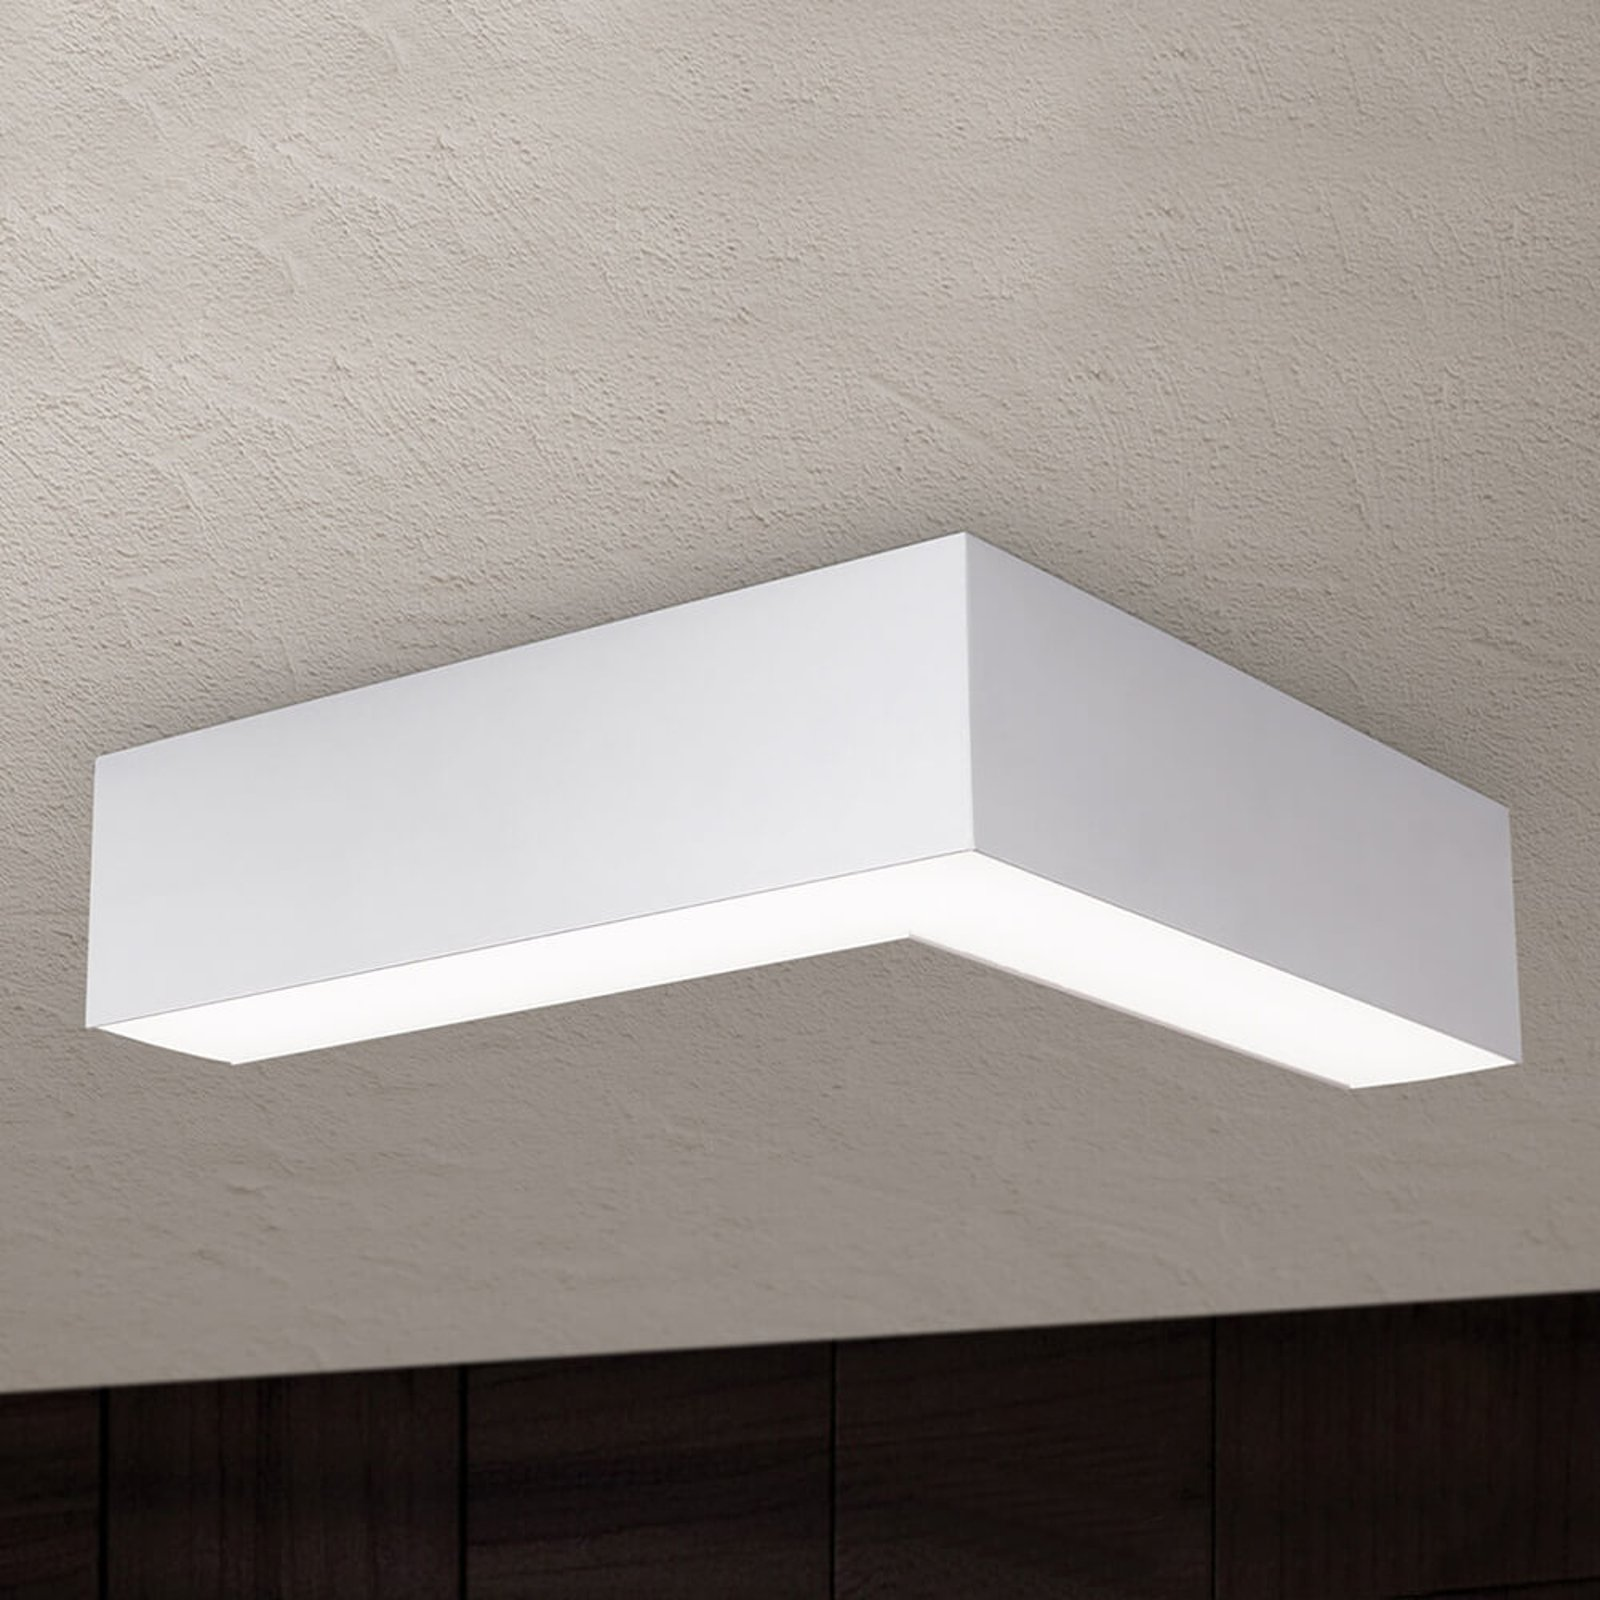 LED-taklampe Sando med opphengssett - 30 x 30 cm